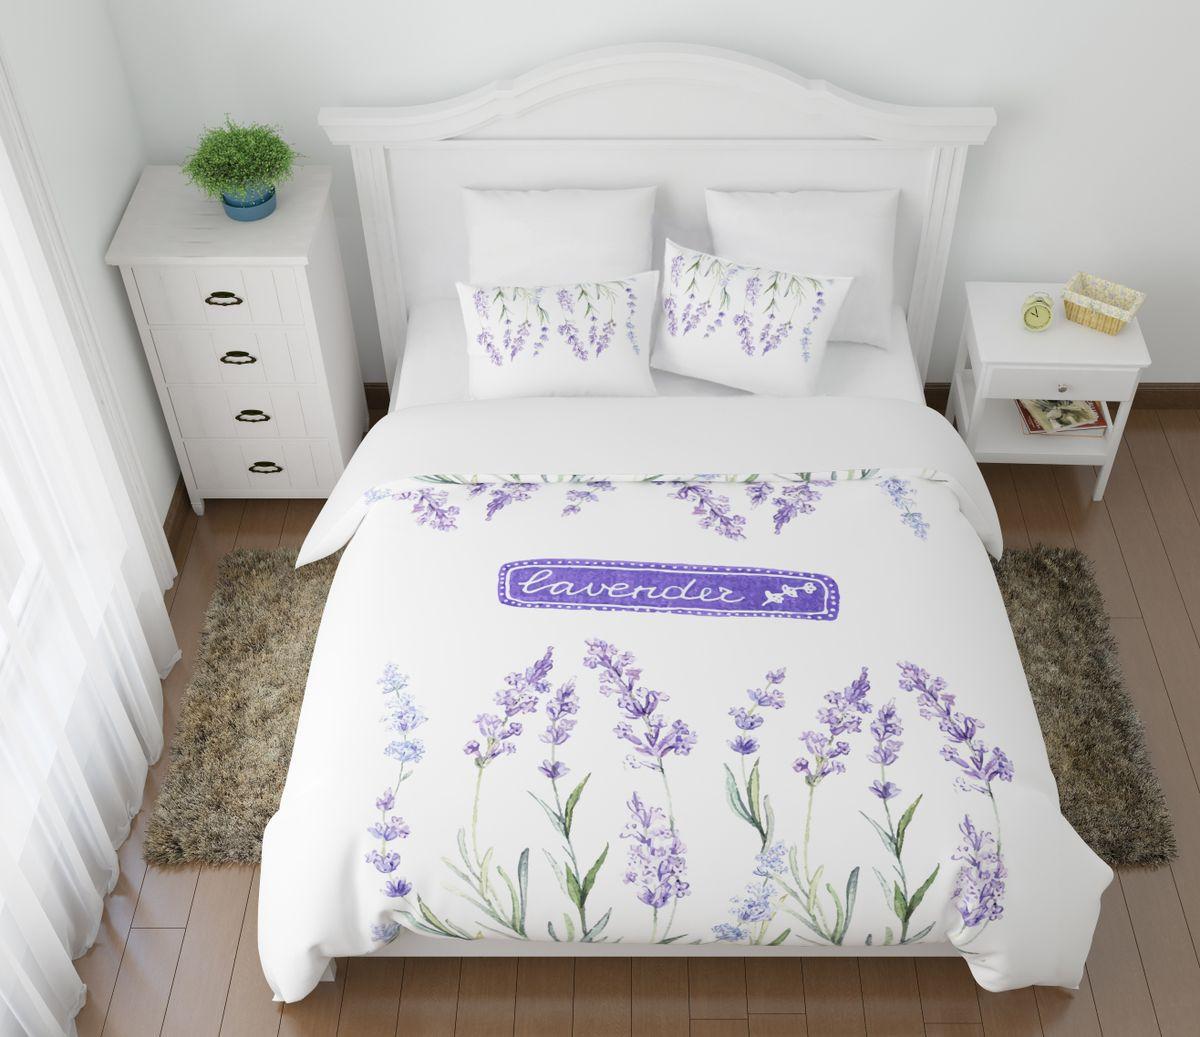 Комплект белья Сирень Нежность лаванды, 1,5-спальный, наволочки 50x7008615-КПБ-МКомплект постельного белья Сирень Нежность лаванды состоит из простыни, пододеяльника и 2 наволочек. Комплект выполнен из современных гипоаллергенных материалов. Приятный при прикосновении сатин - гарантия здорового, спокойного сна. Ткань хорошо впитывает влагу, надолго сохраняет яркость красок. Четкий, изящный рисунок в сочетании с насыщенными красками делает комплект постельного белья неповторимой изюминкой любого интерьера. Постельное белье идеально подойдет для подарка.